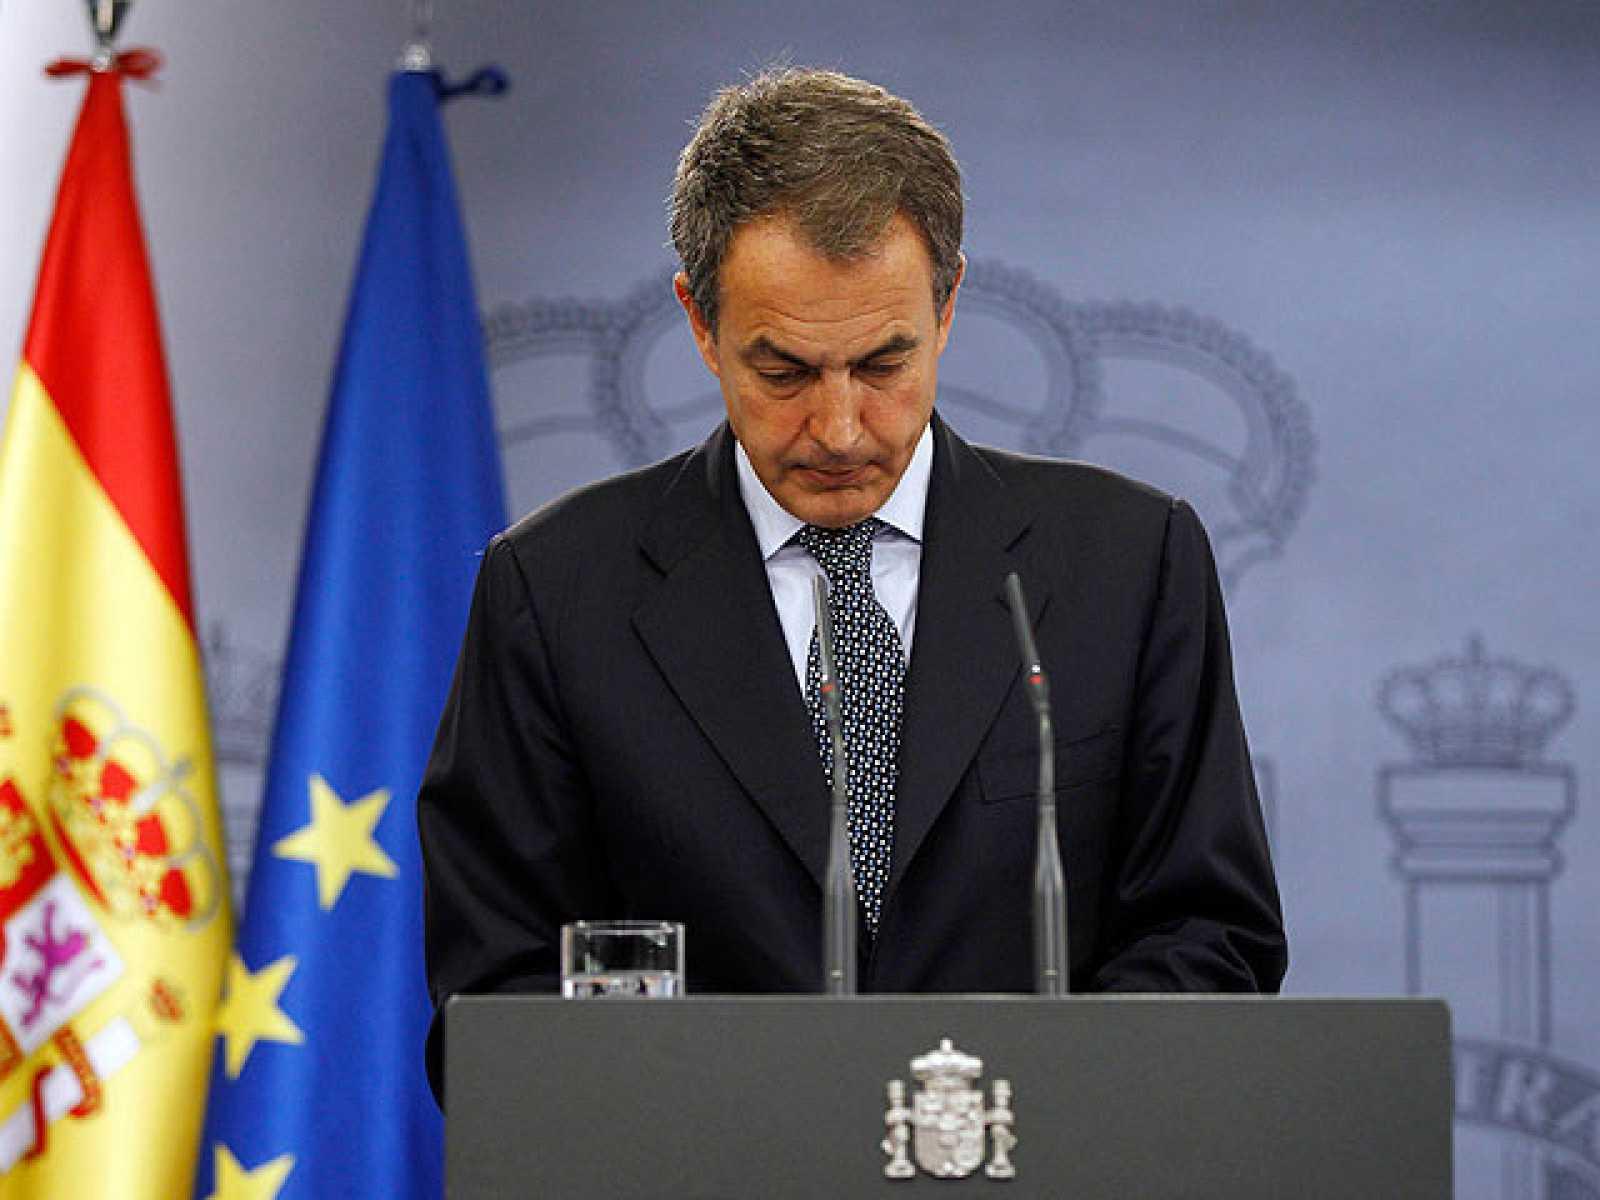 El presidente del Gobierno, José Luis Rodríguez Zapatero, ha anunciado que adelantará las elecciones generales al próximo 20 de noviembre y que, por lo tanto, disolverá el Parlamento el 26 de septiembre.